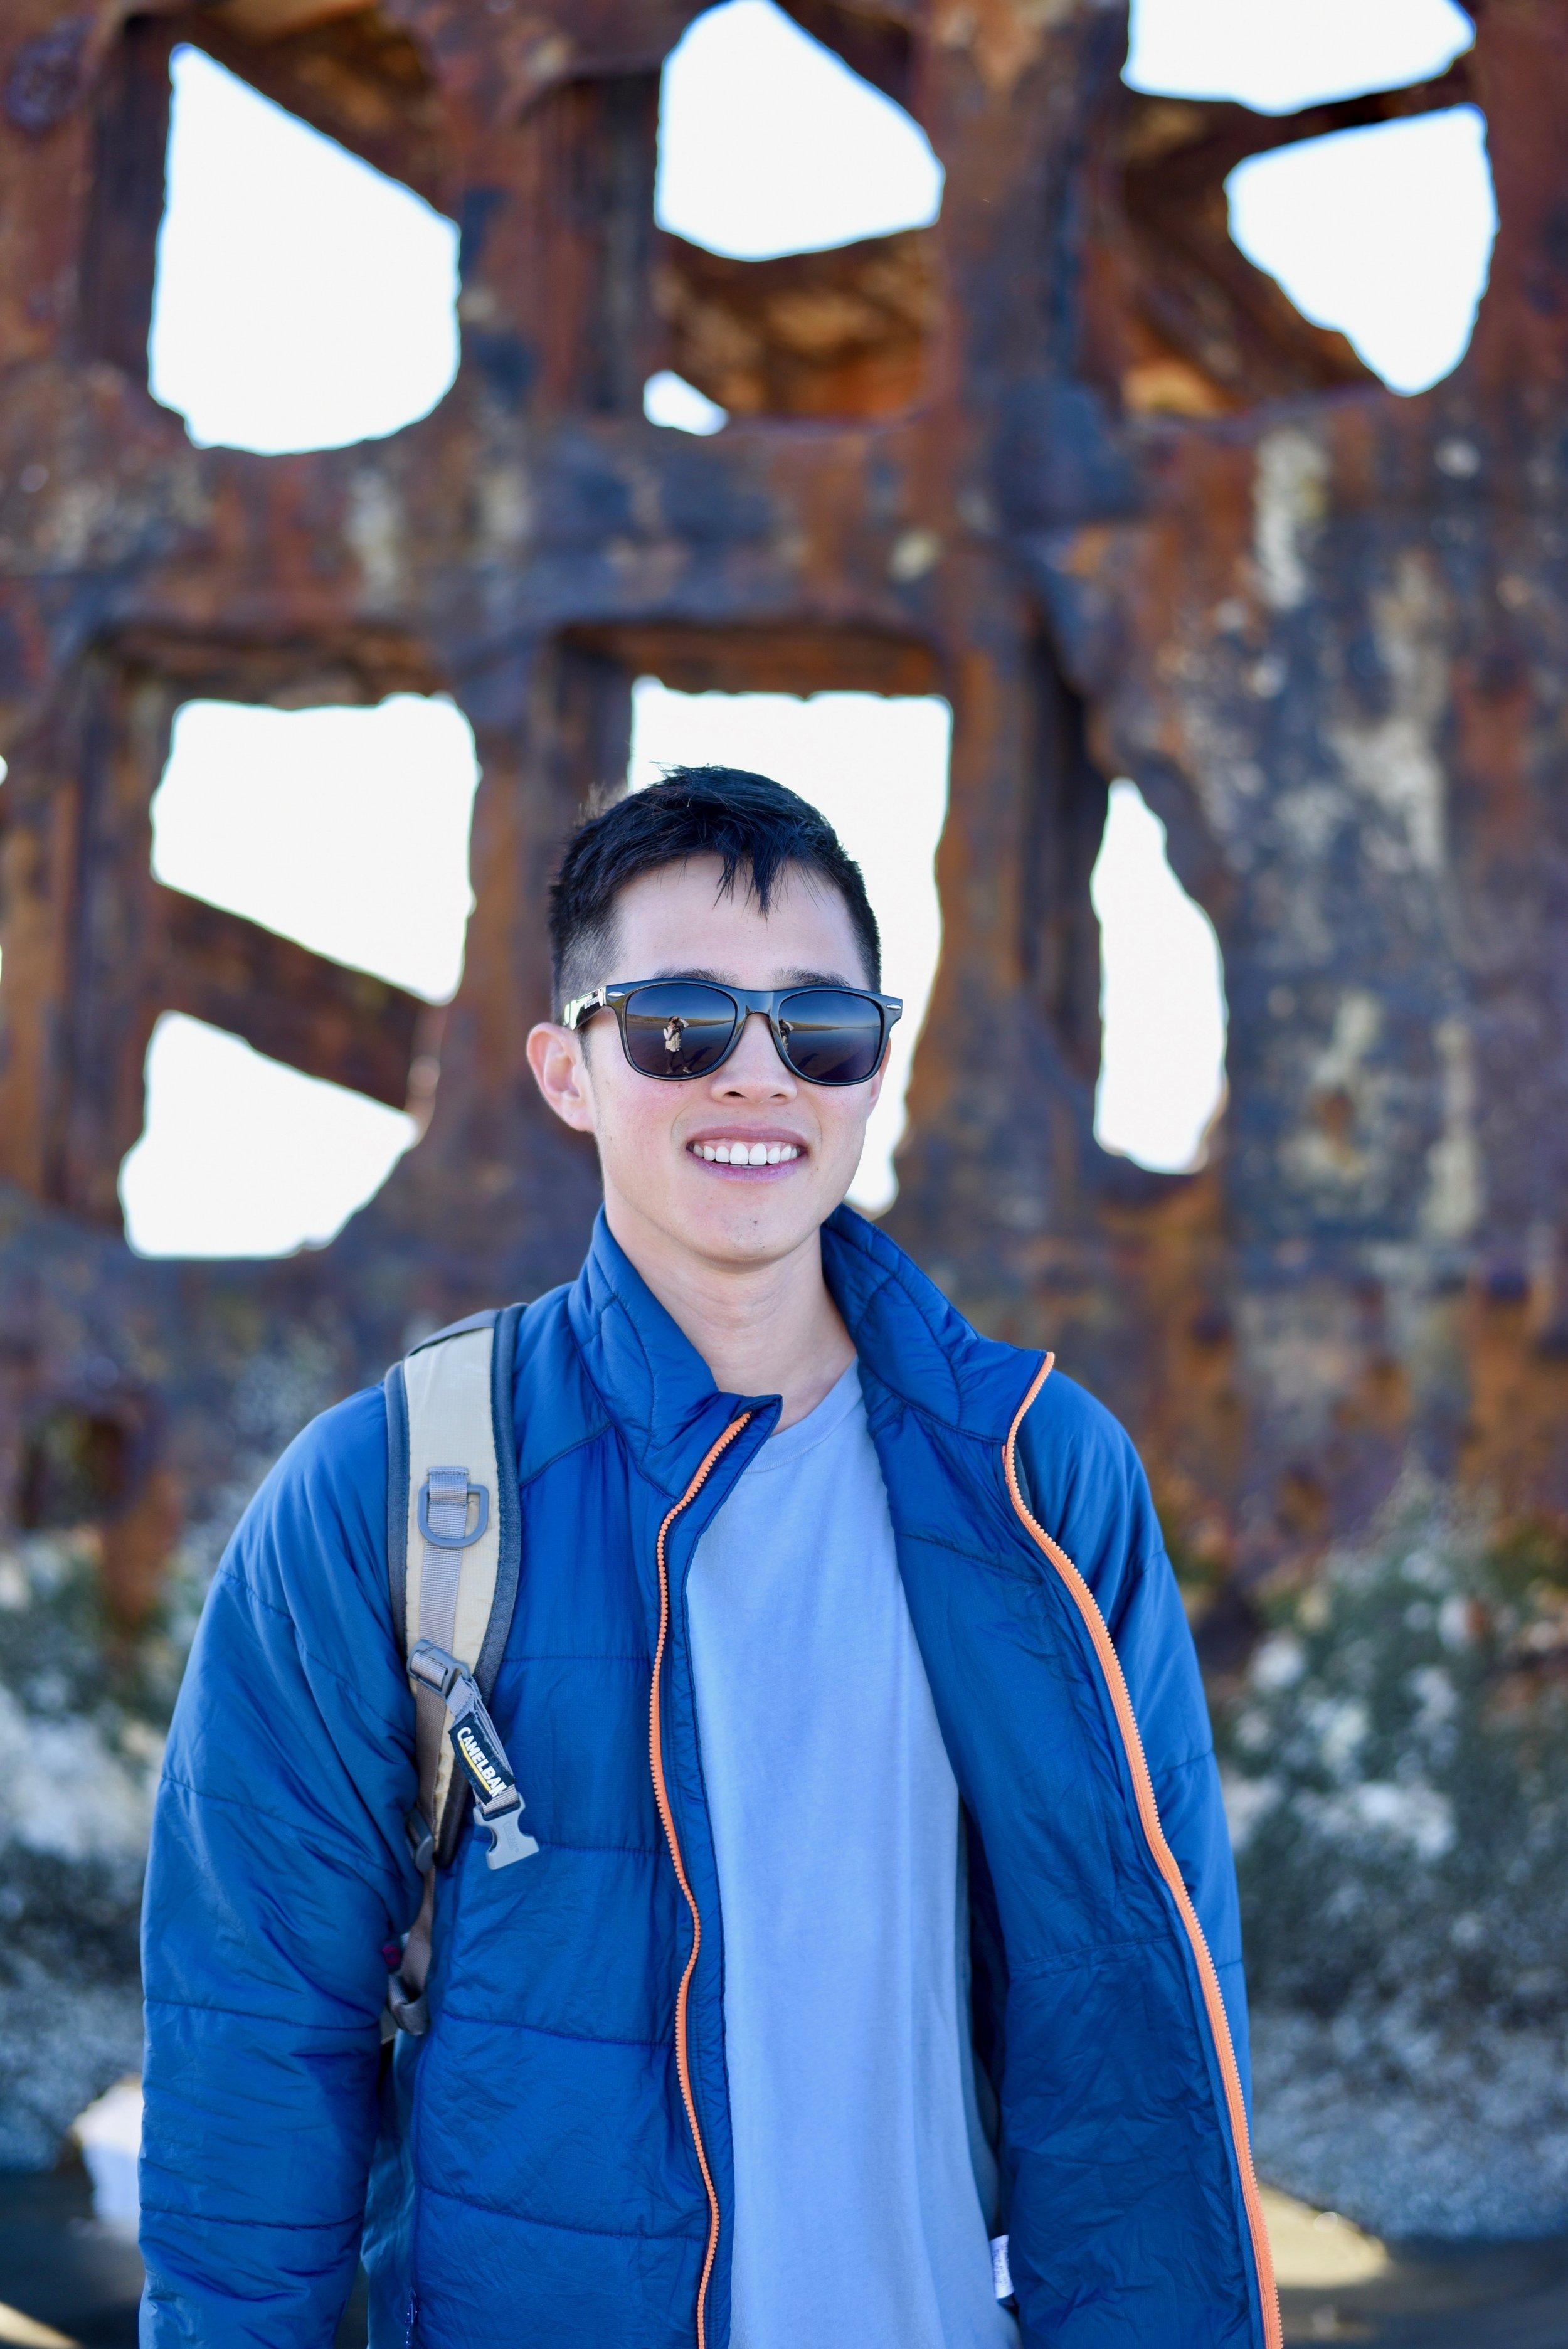 Hiking in Portland_DSC_9665.jpg